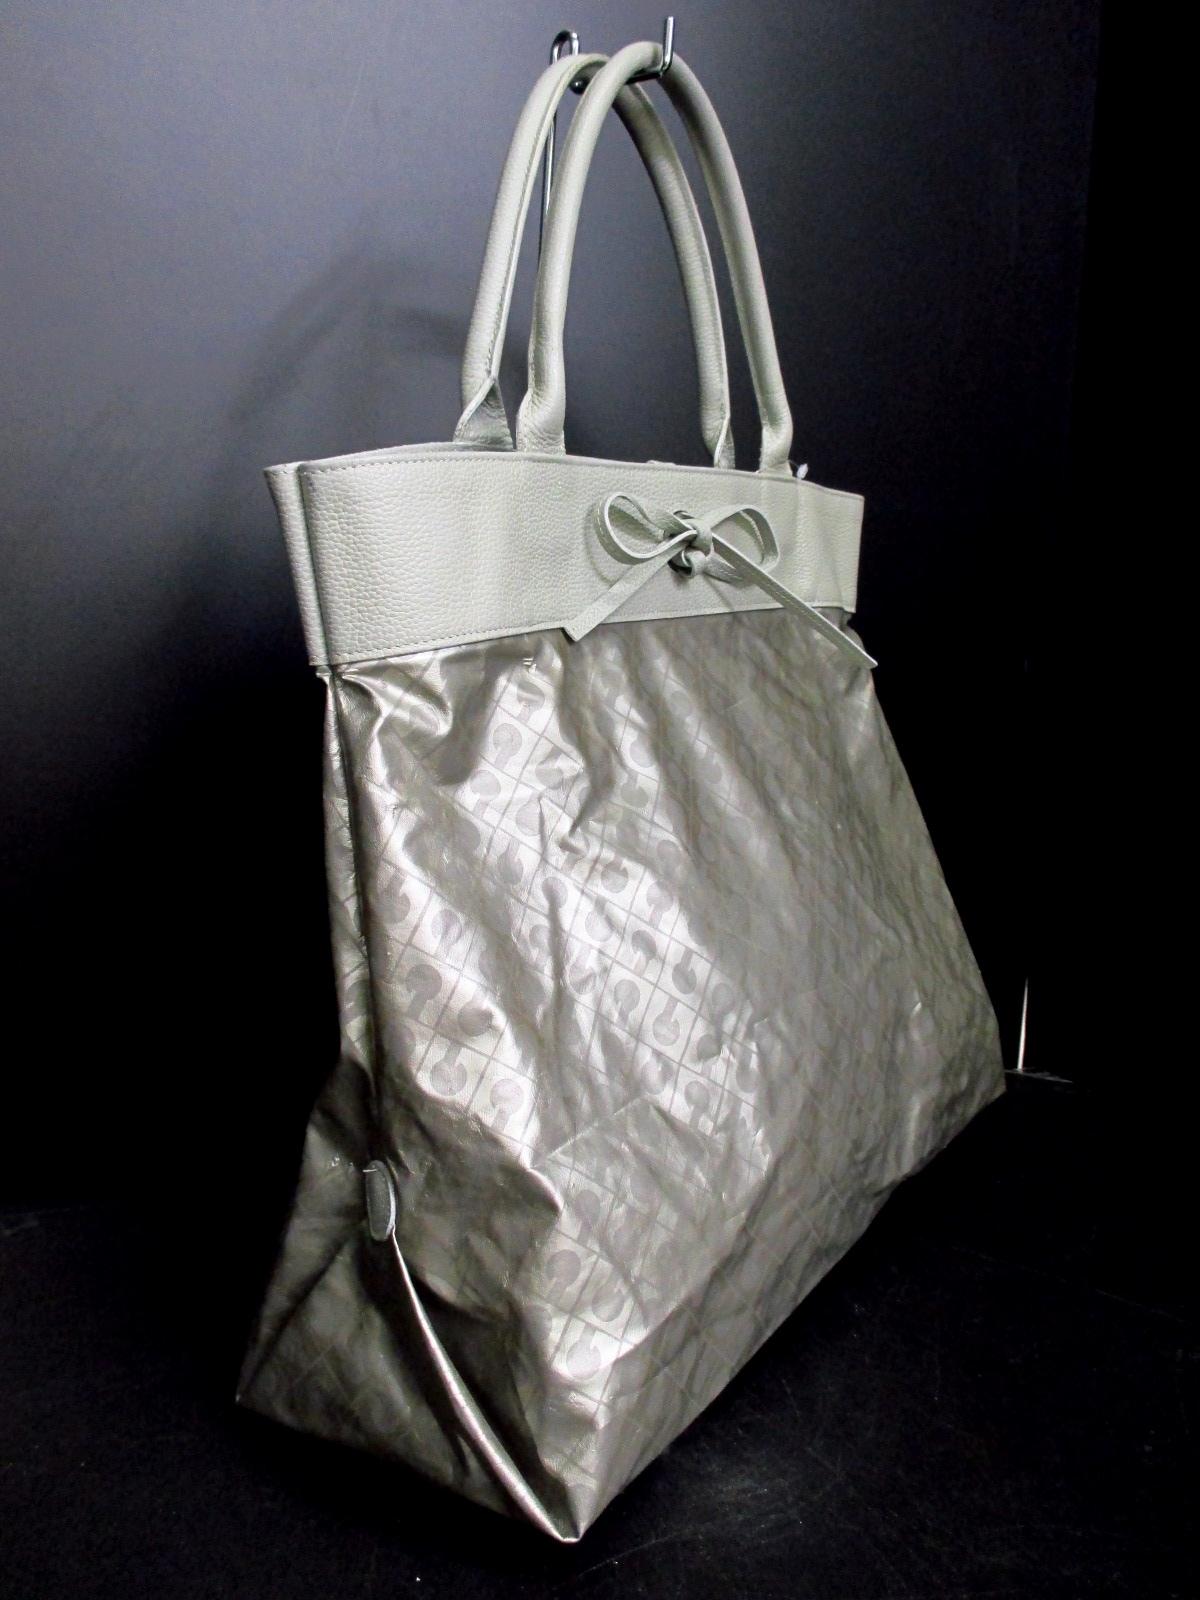 GHERARDINI(ゲラルディーニ)のトートバッグ